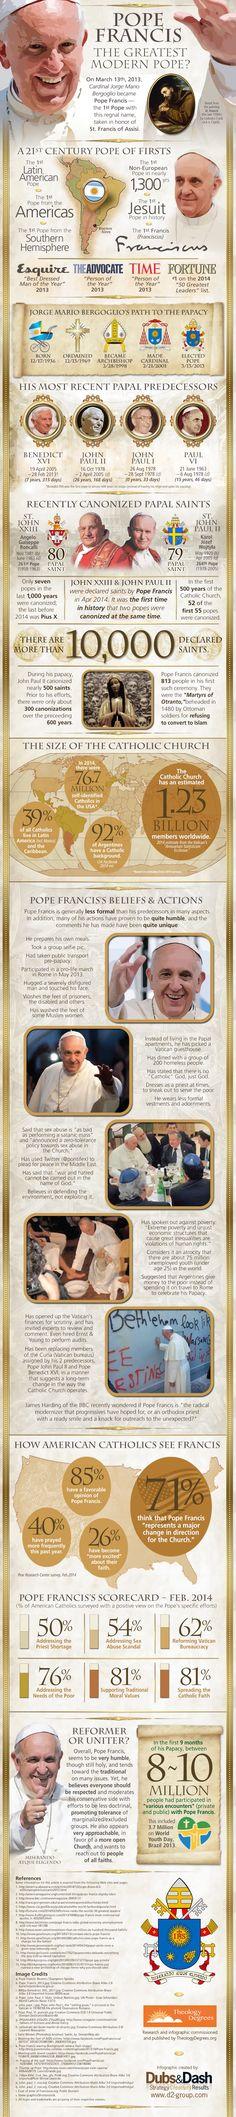 8 Best Pope Francis Images Catholic Roman Catholic Catholic Religion